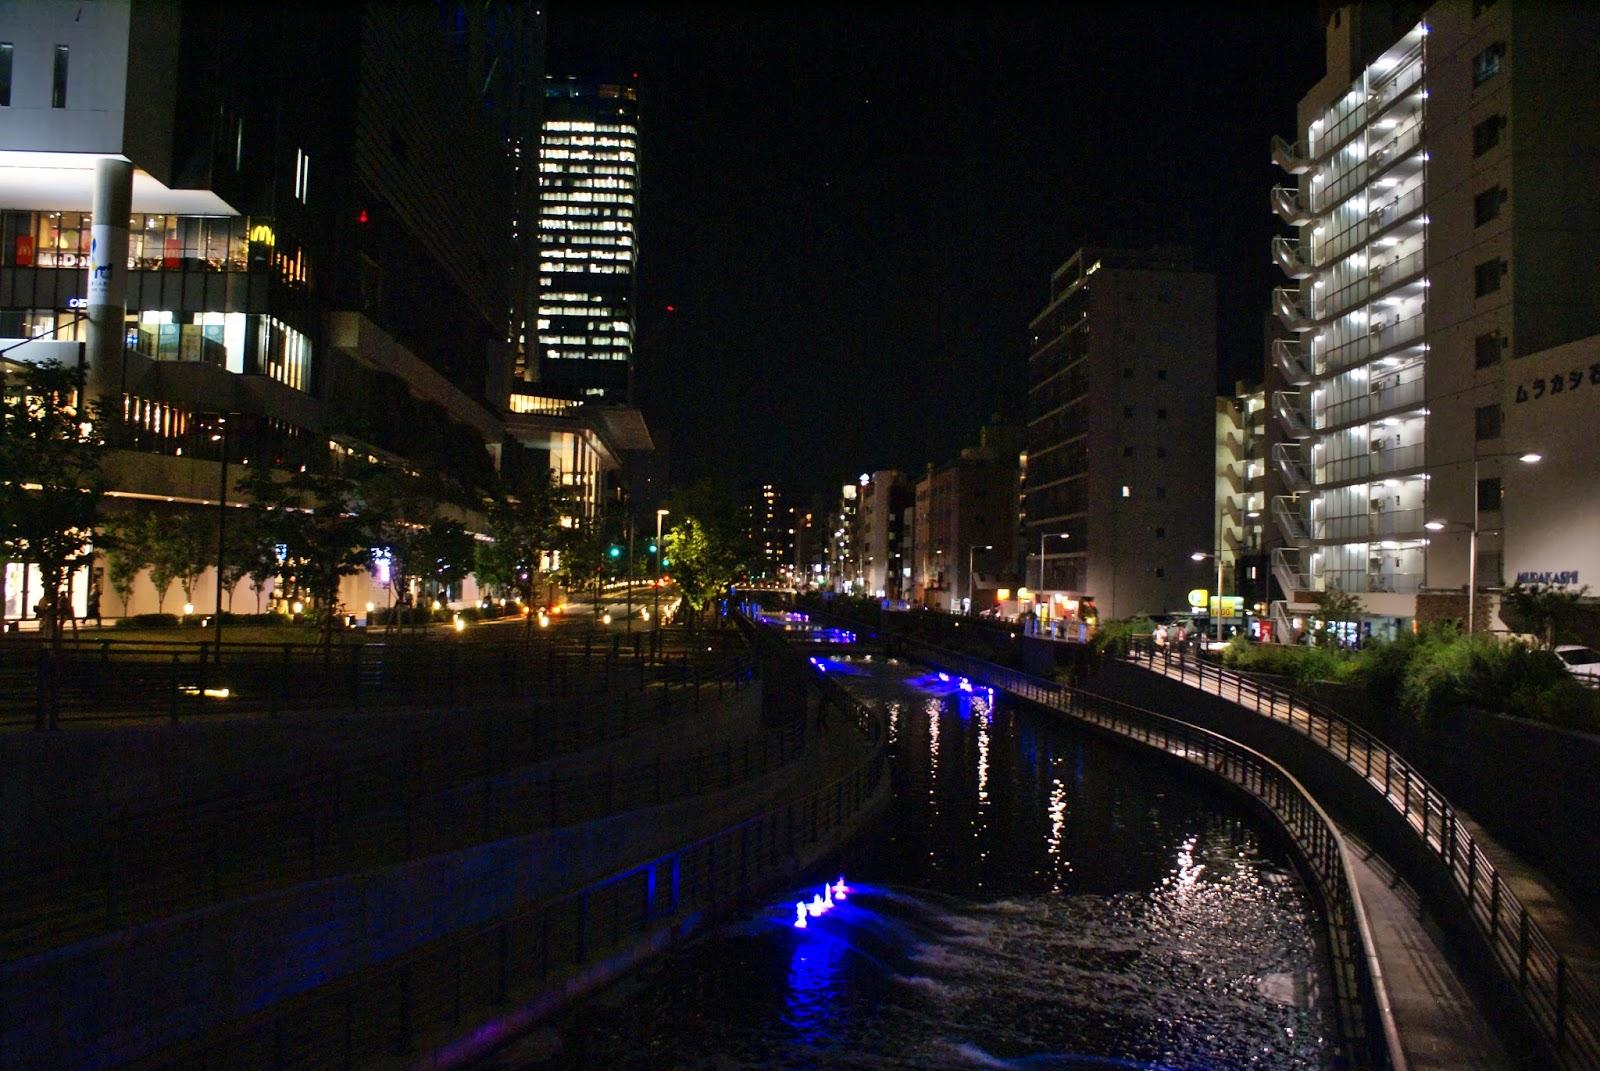 tokyo sky tree asakusa japan asia street night